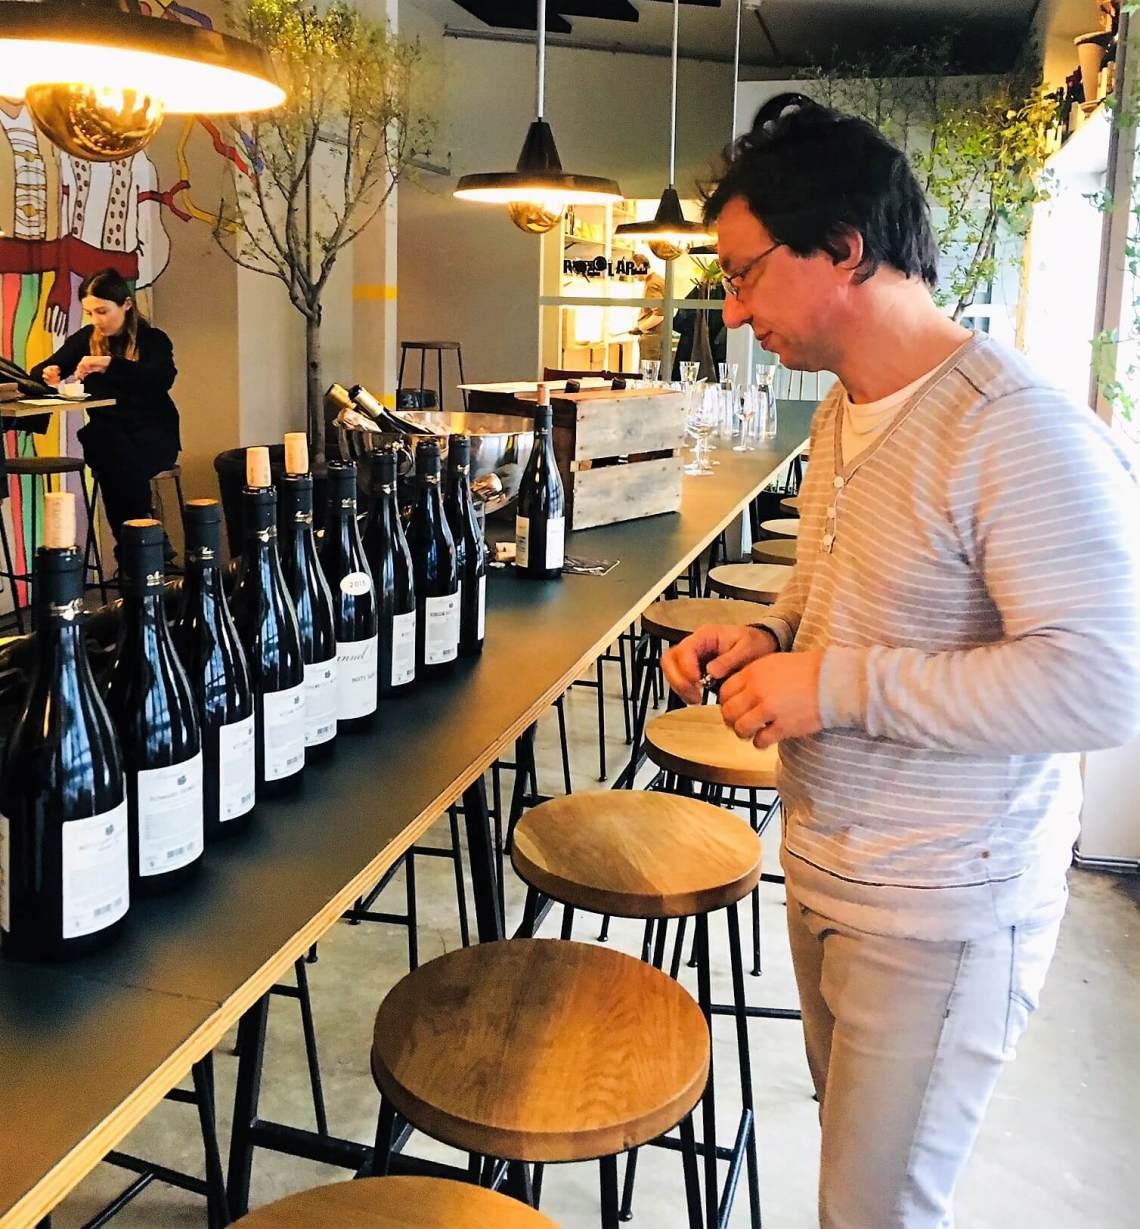 Årets burgundslipp beskrives som legendarisk og en av de største årgangene noensinne. Det varsles om kø og kaos når 2015-årgangen legges ut for salg. Her er noen av vinene jeg har smakt og link til flere omtaler. Husk, du kan alltid bestille på nett om du ikke skal ha de aller dyreste og mest populære vinene.